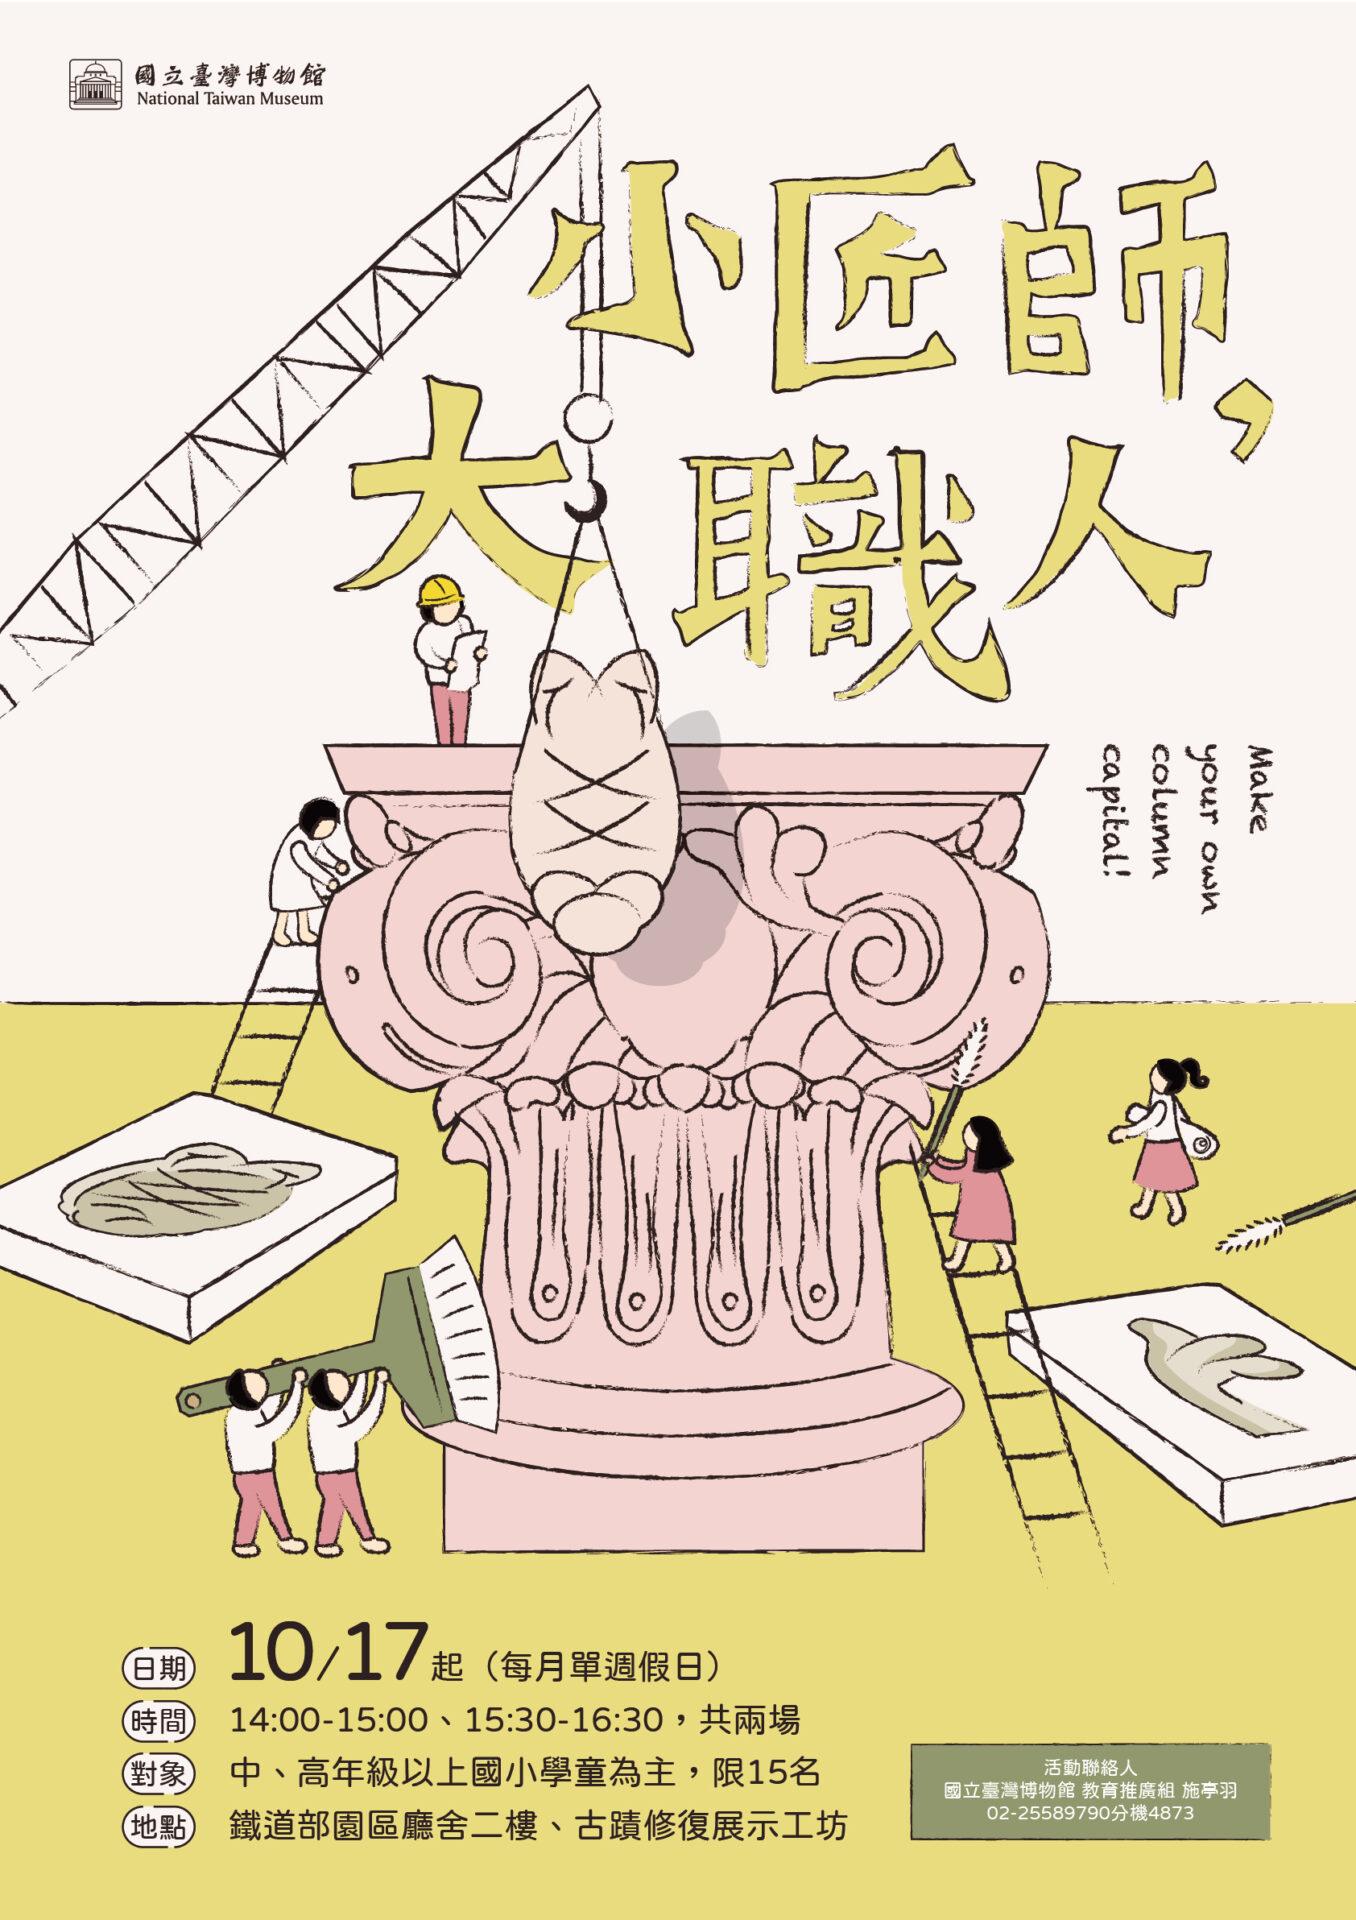 國立臺灣博物館:2021/4/3、4/17【「小匠師•大職人」手作體驗活動】